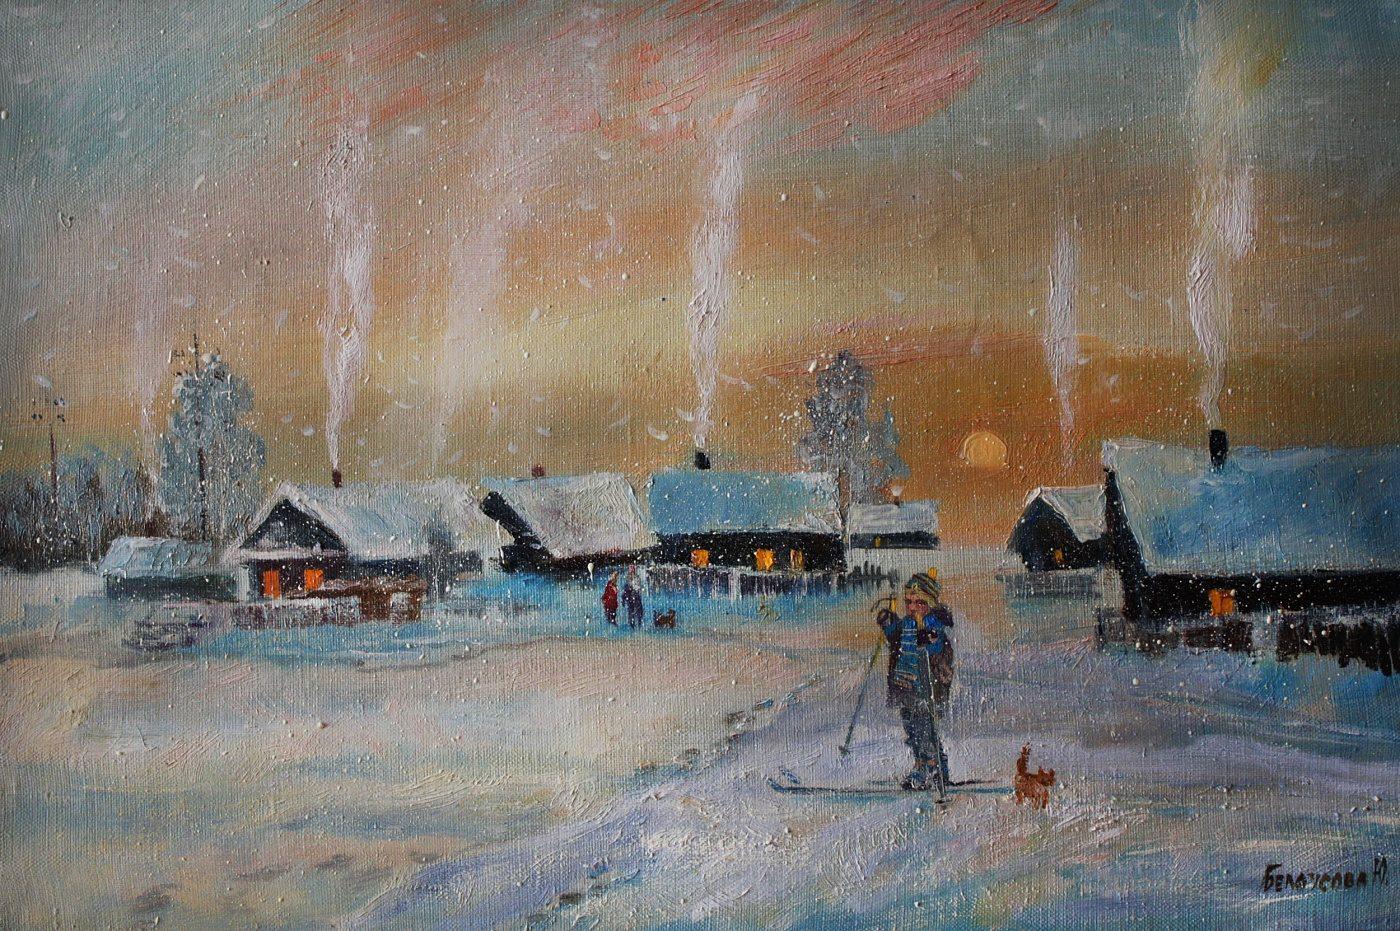 Художник Юлия Белоусова. Картины от которых тепло в душе.